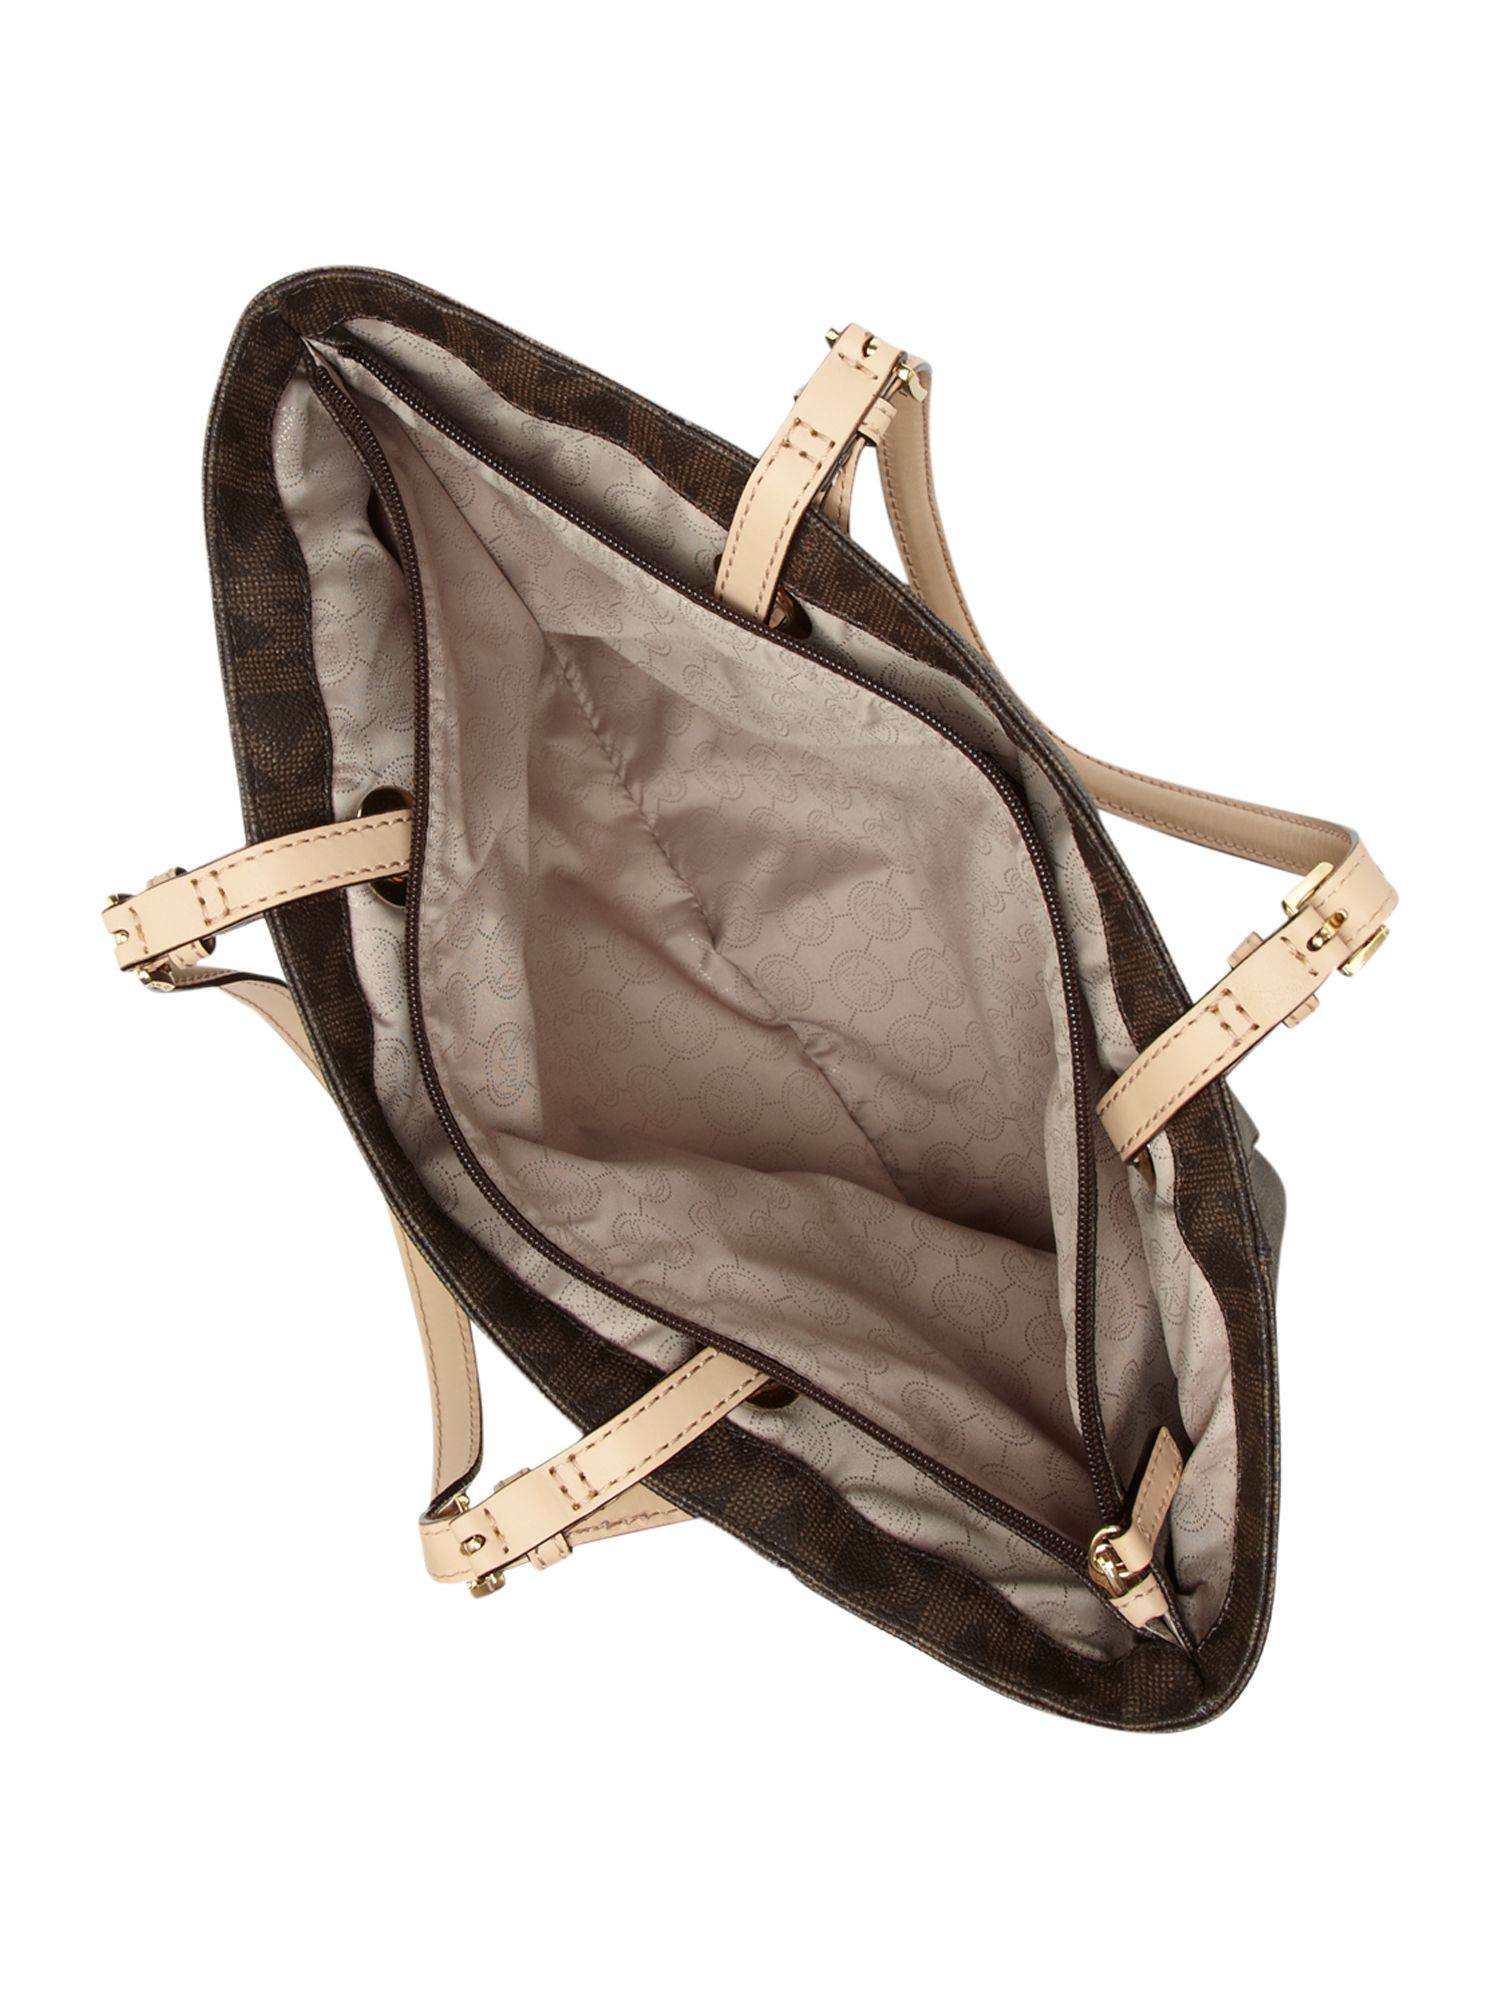 michael kors jet set item monogram tote in brown lyst. Black Bedroom Furniture Sets. Home Design Ideas